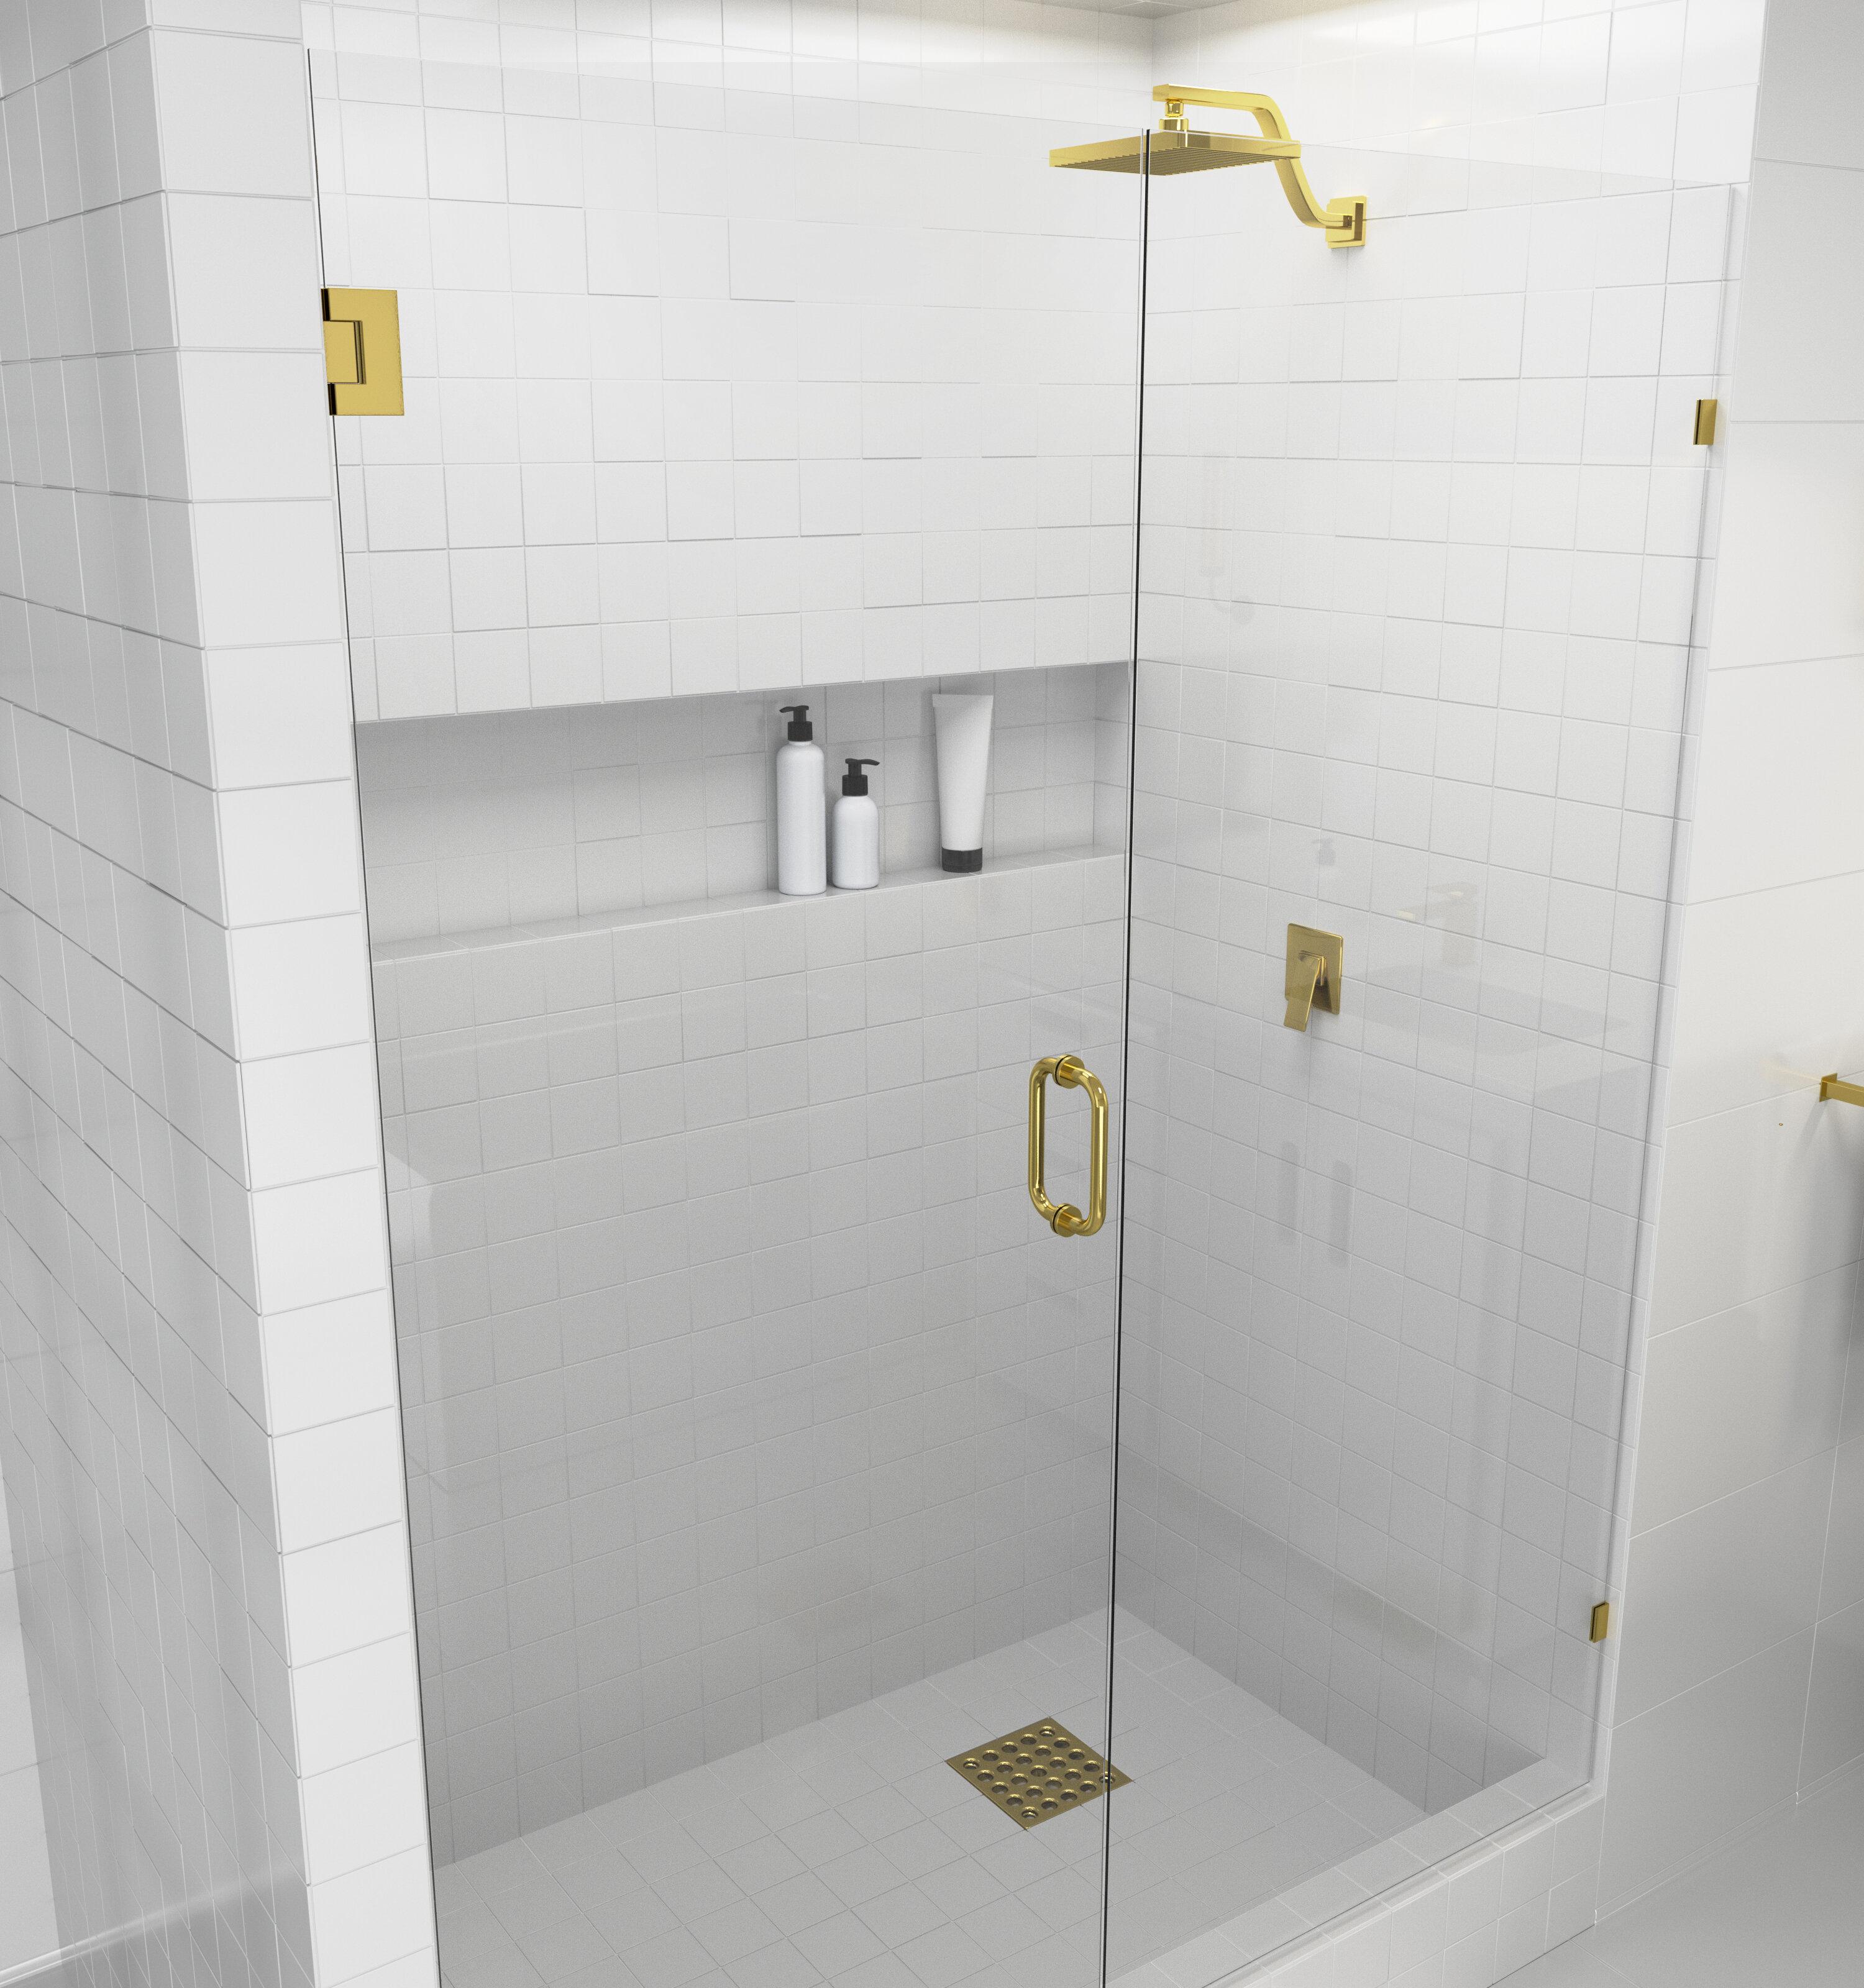 62 X 78 Hinged Frameless Shower Door